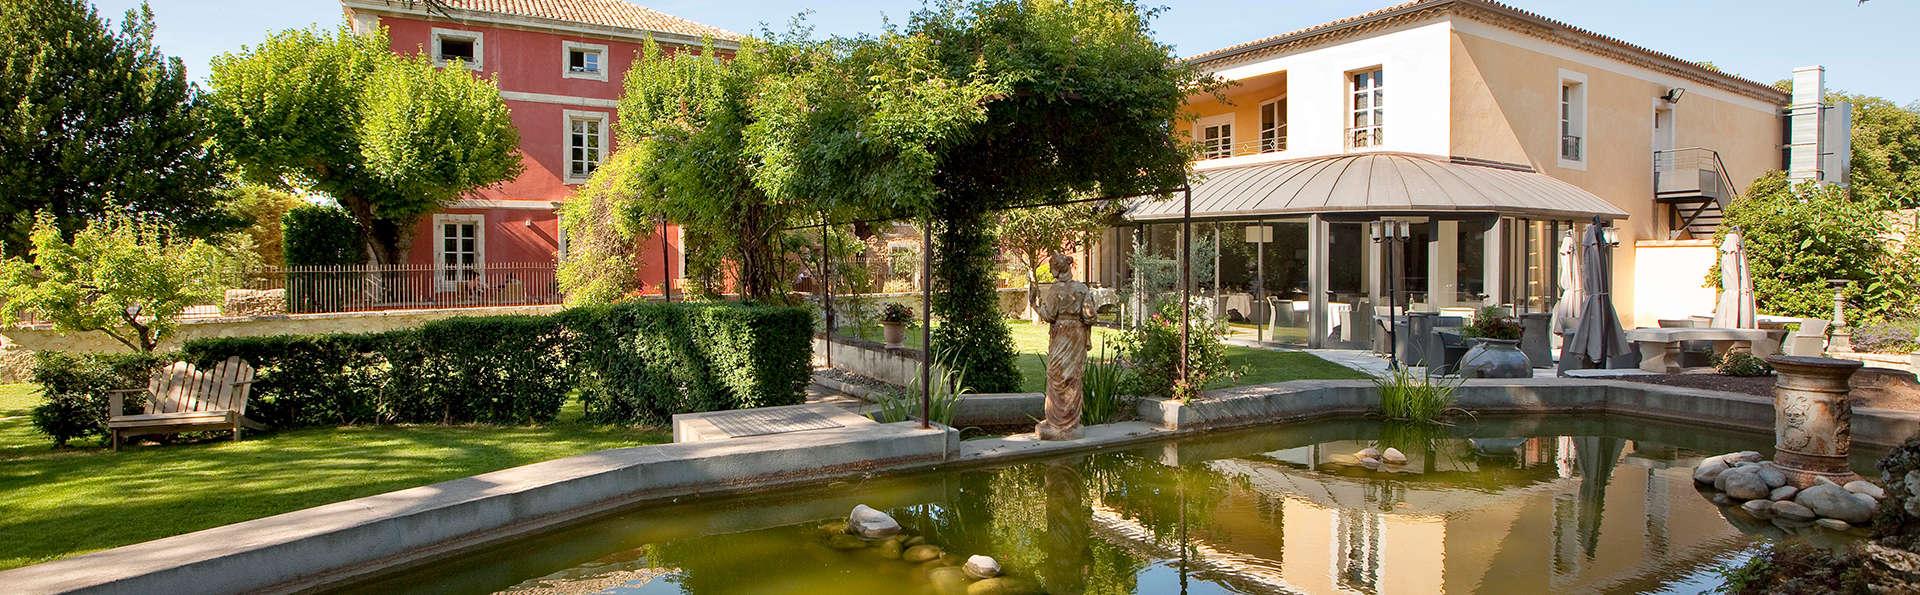 Villa Augusta - edit_front823.jpg